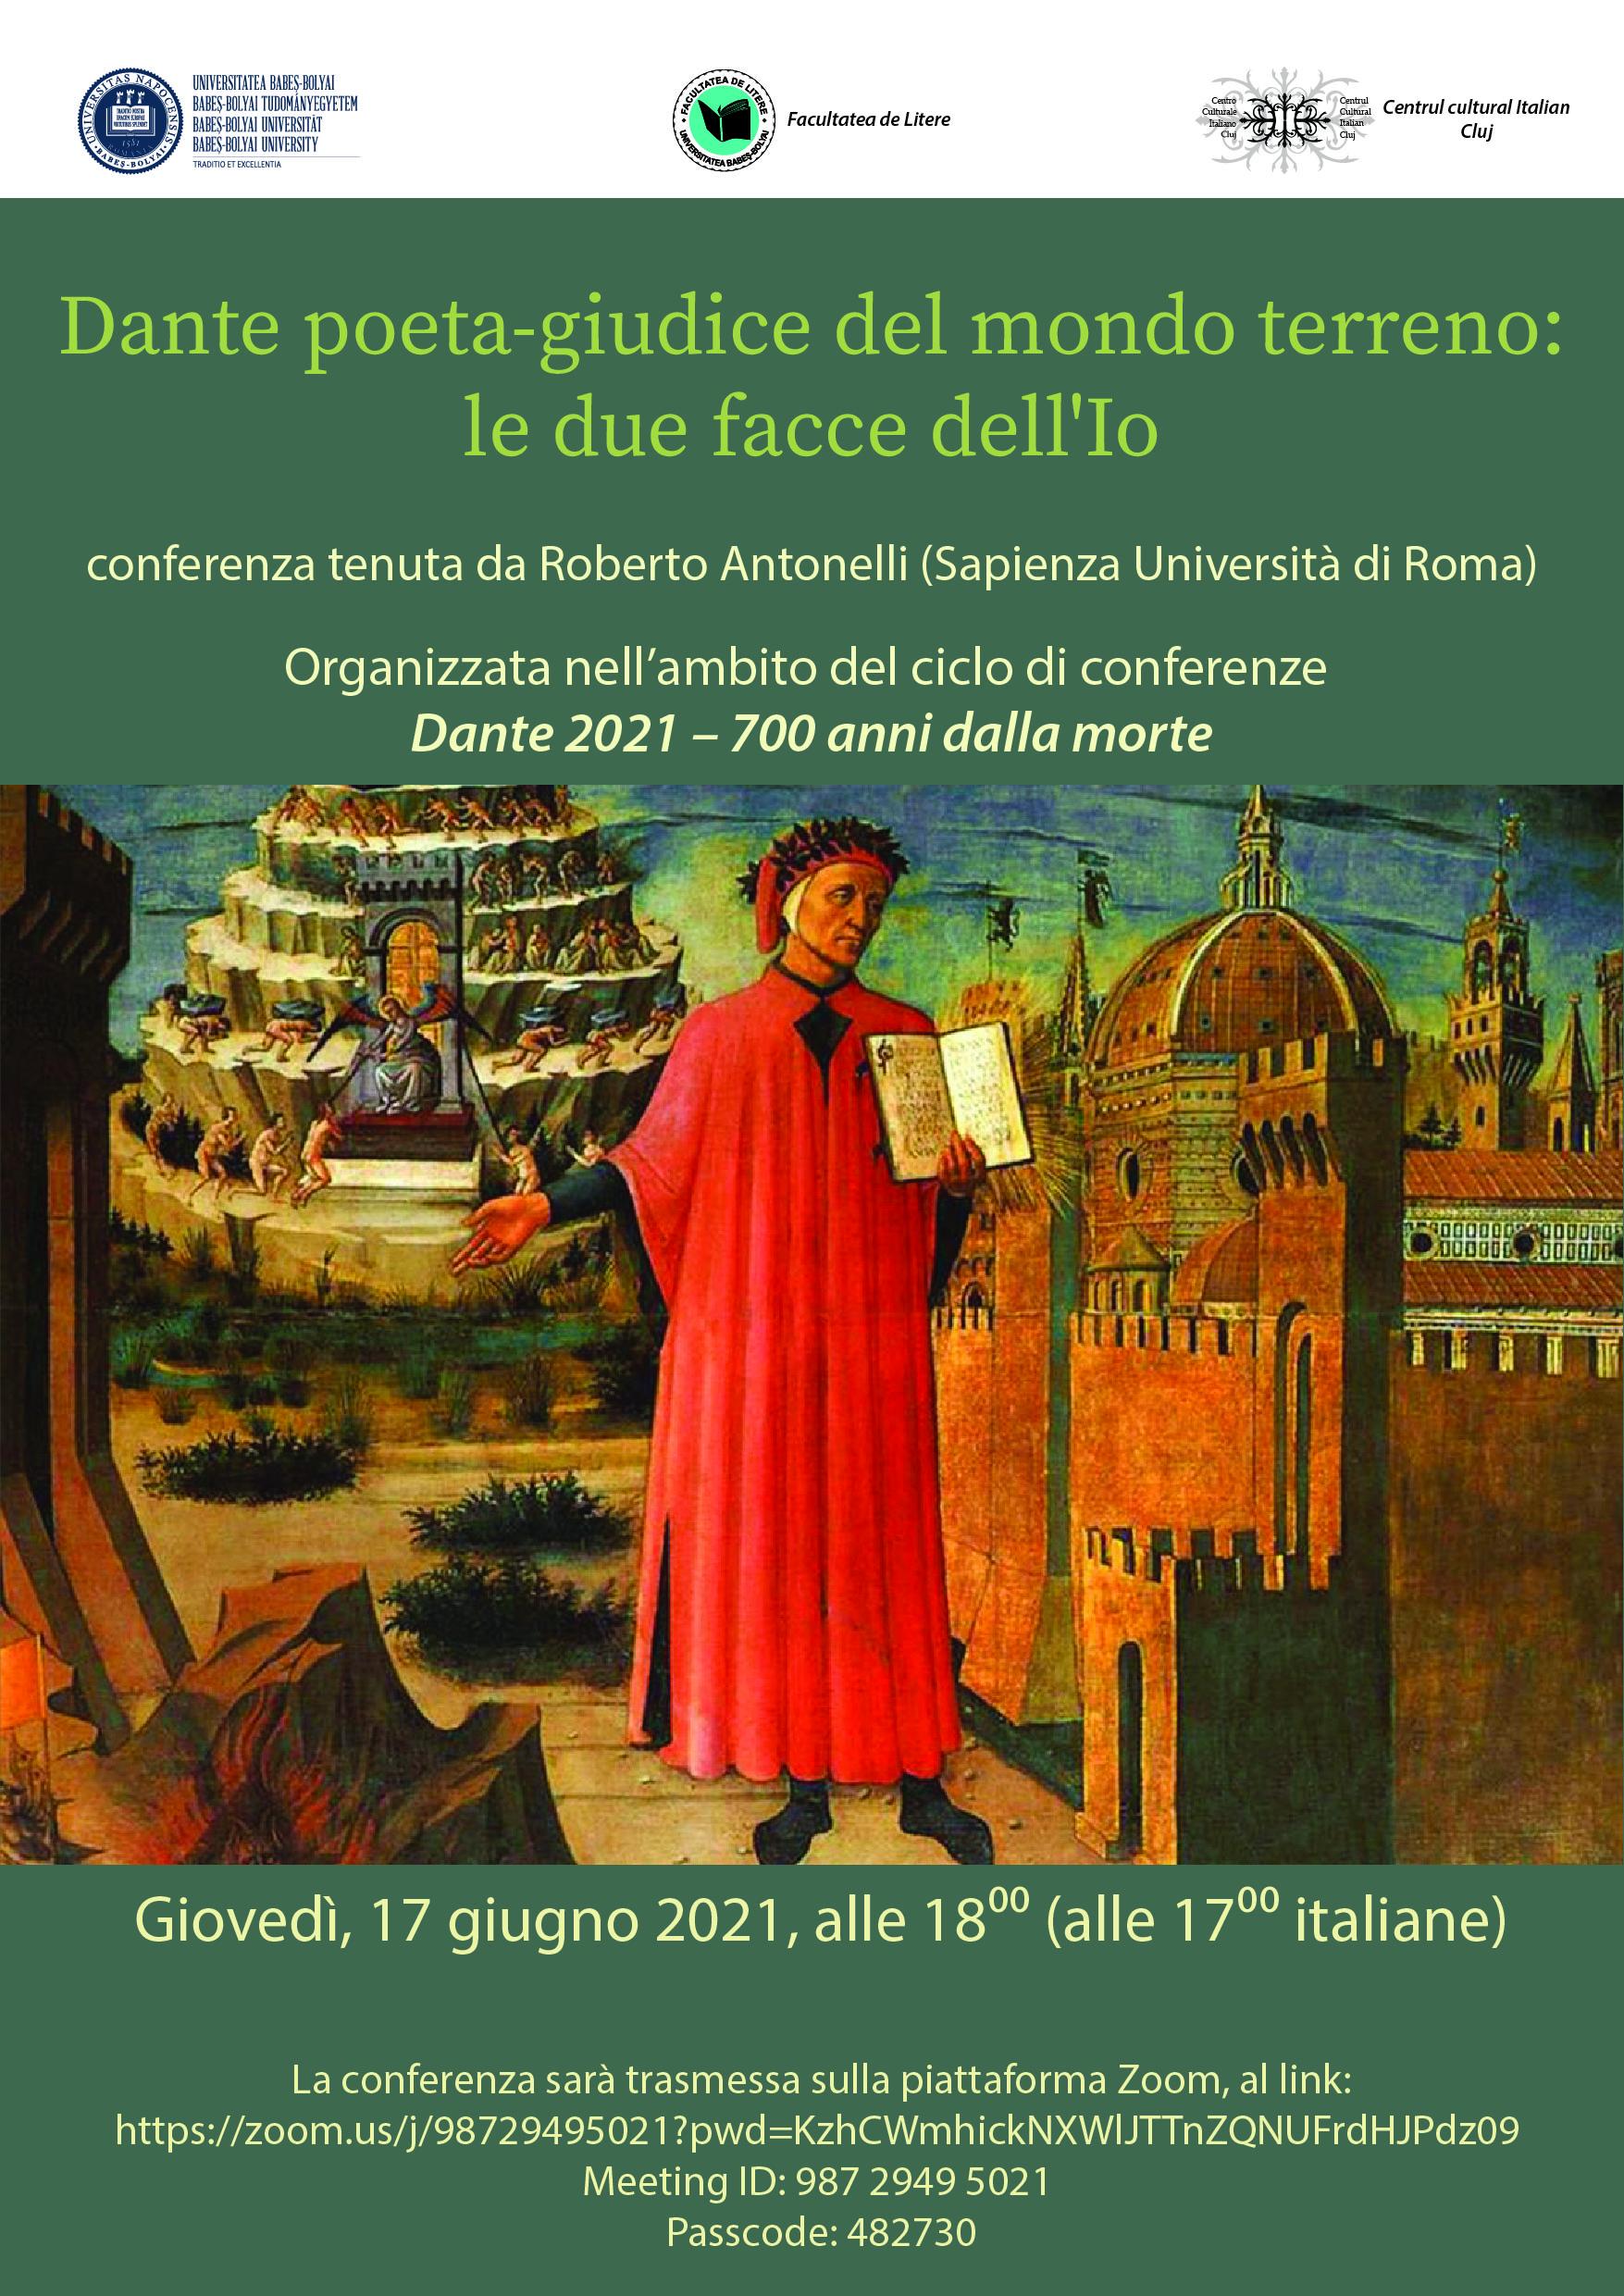 Dante poeta-giudice del mondo terreno: le due facce dell'Io